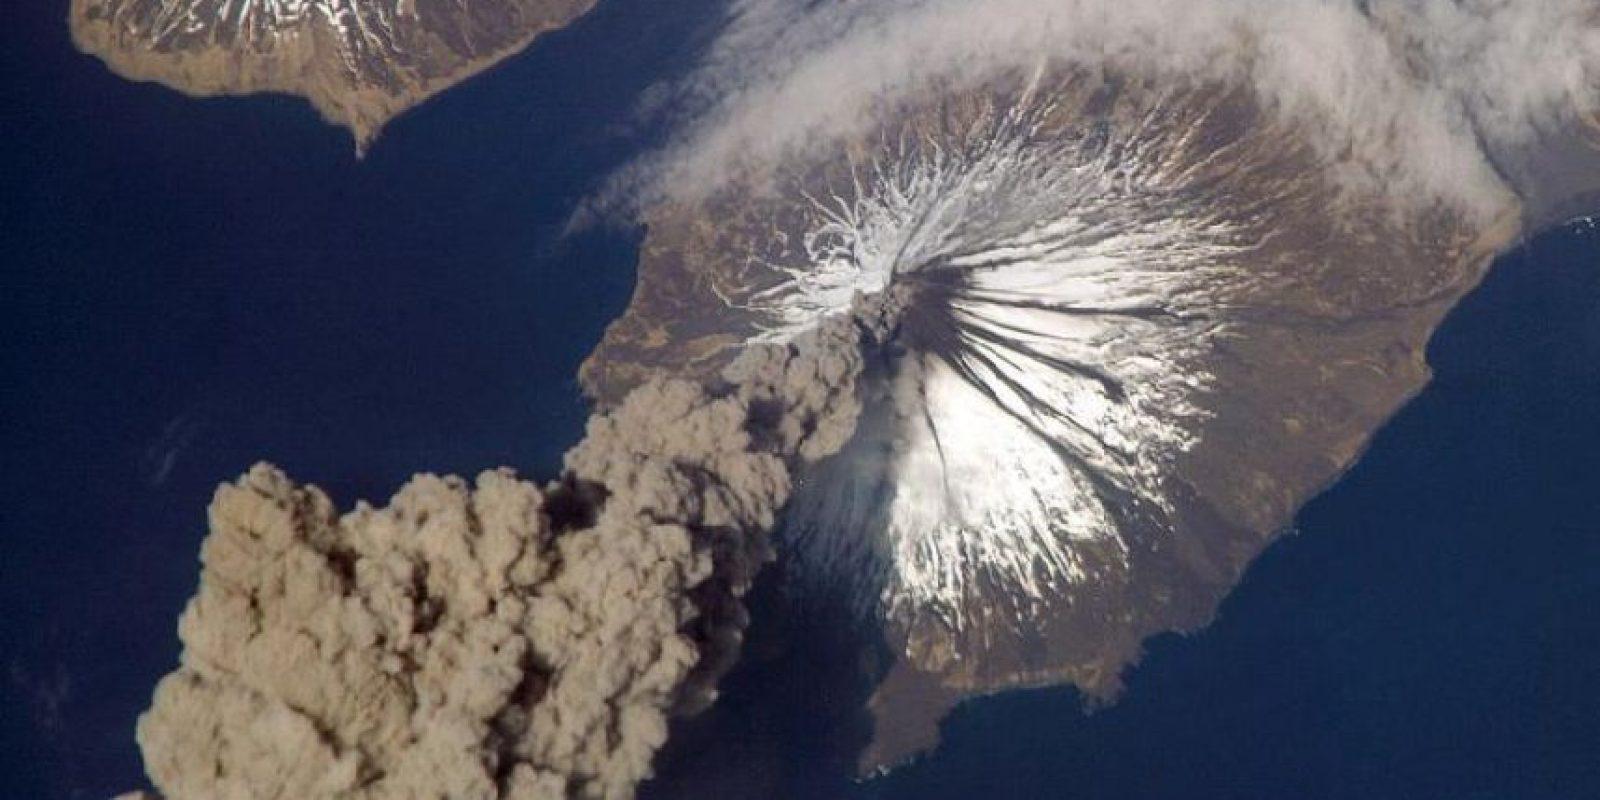 En mayo de 2006, el astronauta del Expedition 13 Jeff Williams reportó que el volcán Cleveland había lanzado una columna de humo Foto:NASA